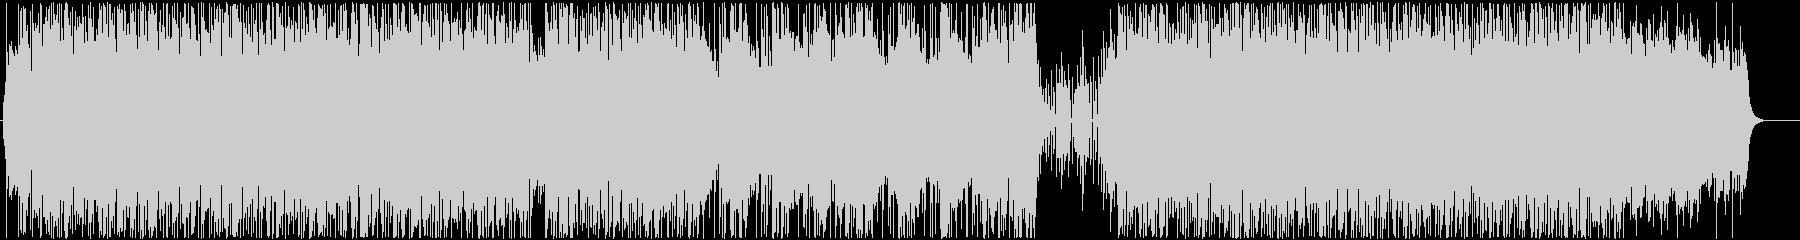 ミニマルなマリンバと、Lo-Fiなビートの未再生の波形